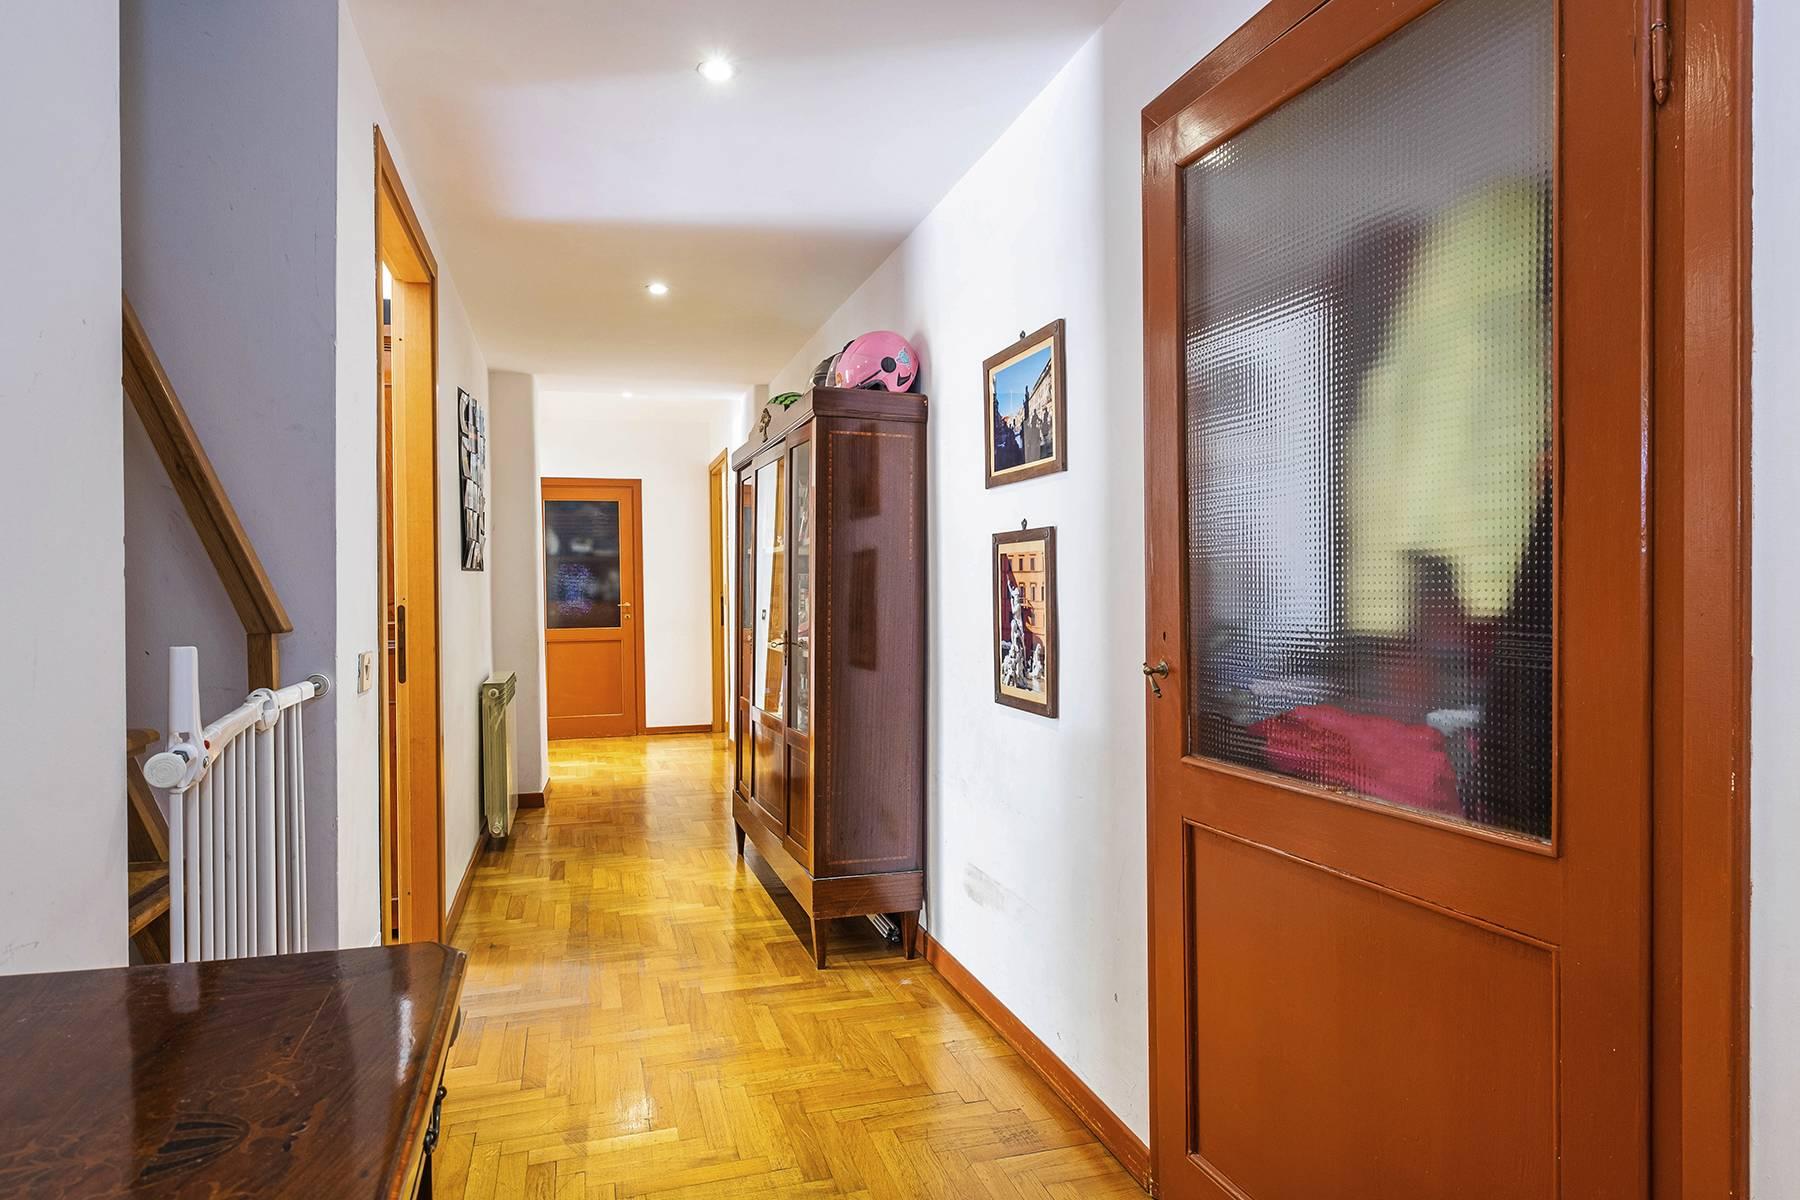 Appartamento in Vendita a Roma: 4 locali, 93 mq - Foto 11